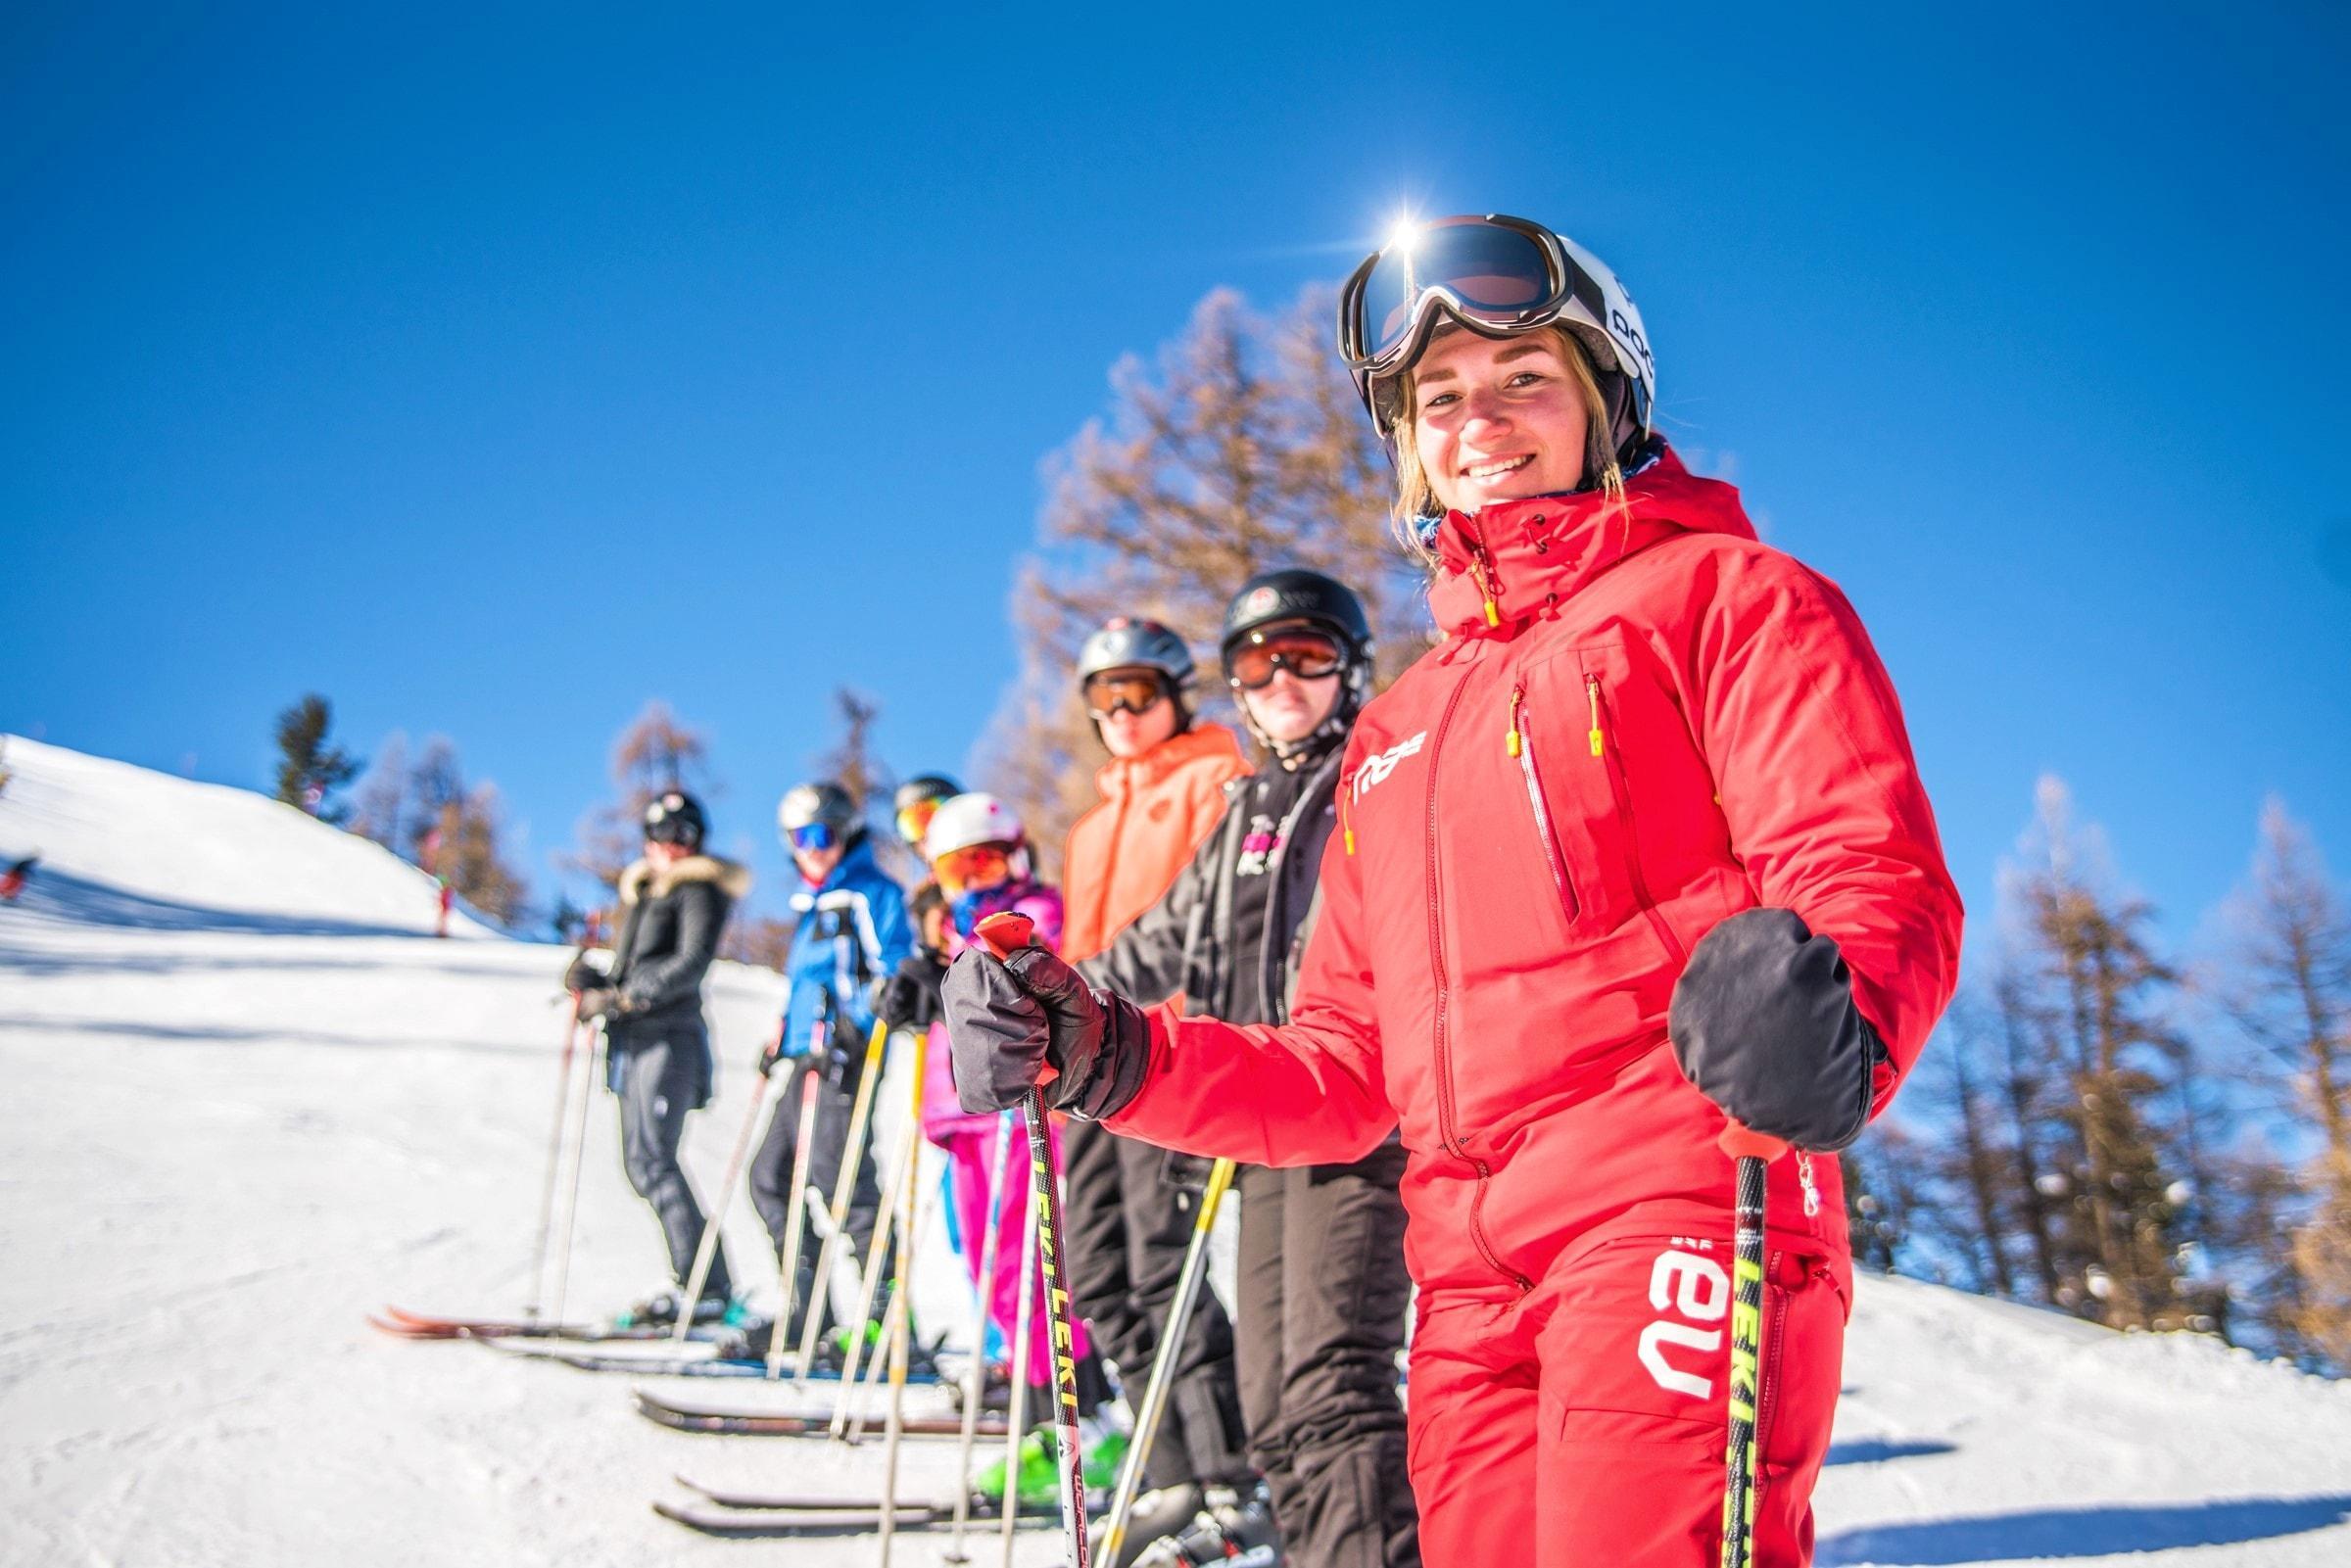 Cours de ski Ados & Adultes pour Tous niveaux - Nendaz